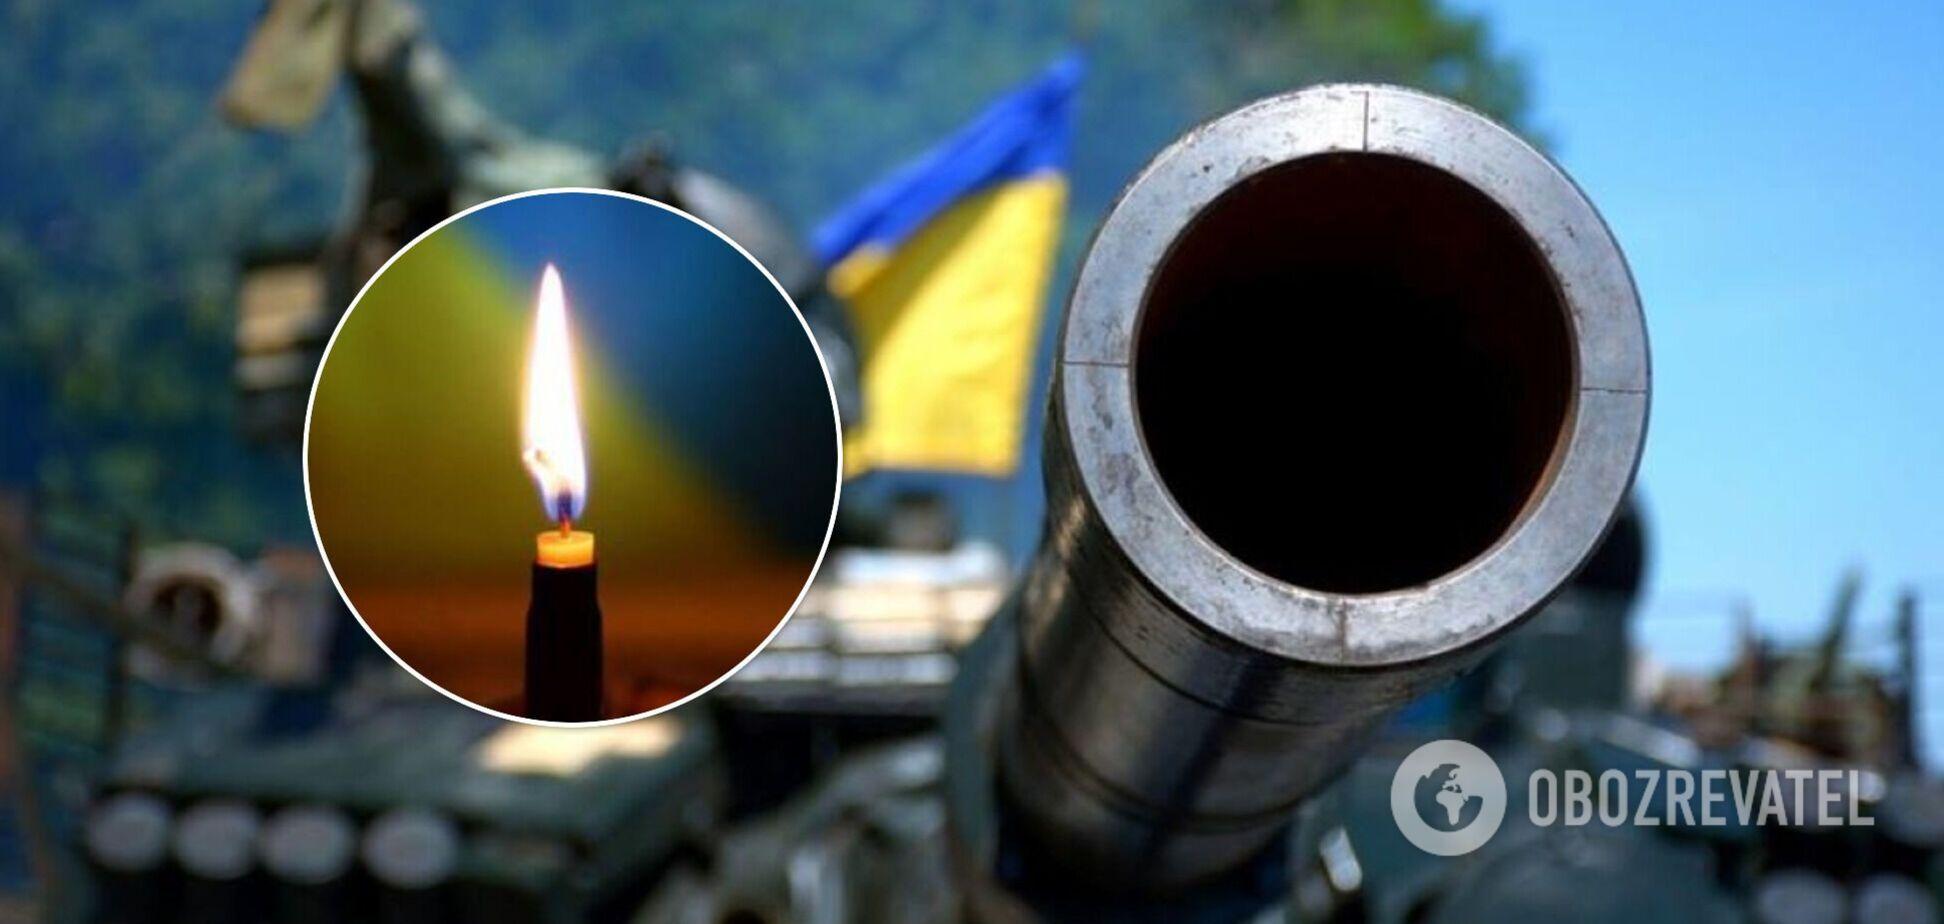 У зоні ООС загинув 19-річний навідник танкового взводу ЗСУ